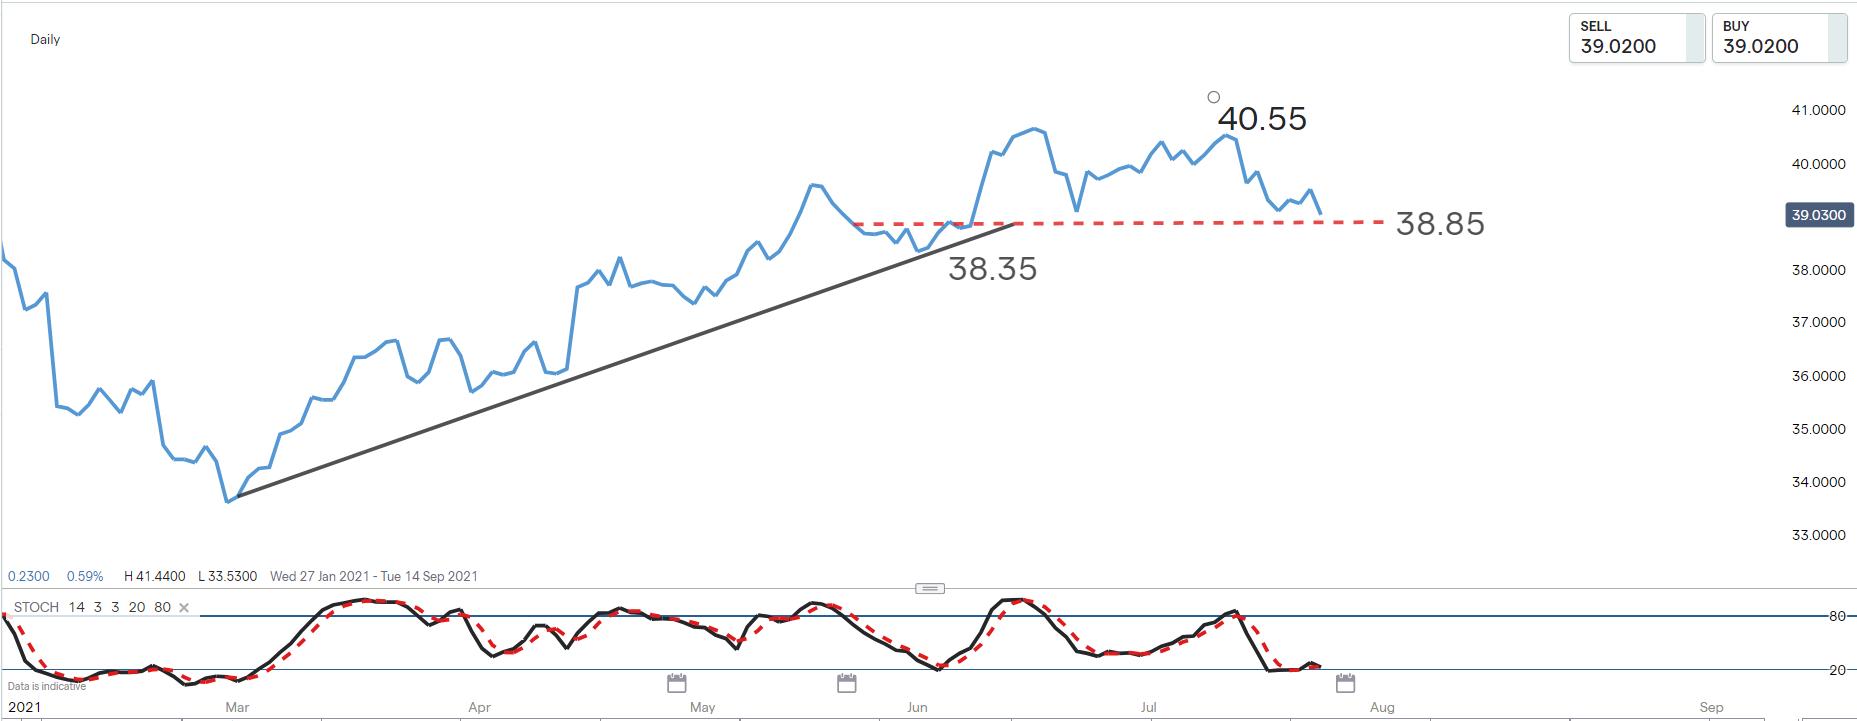 GlaxoSmithKline (ADR) chart